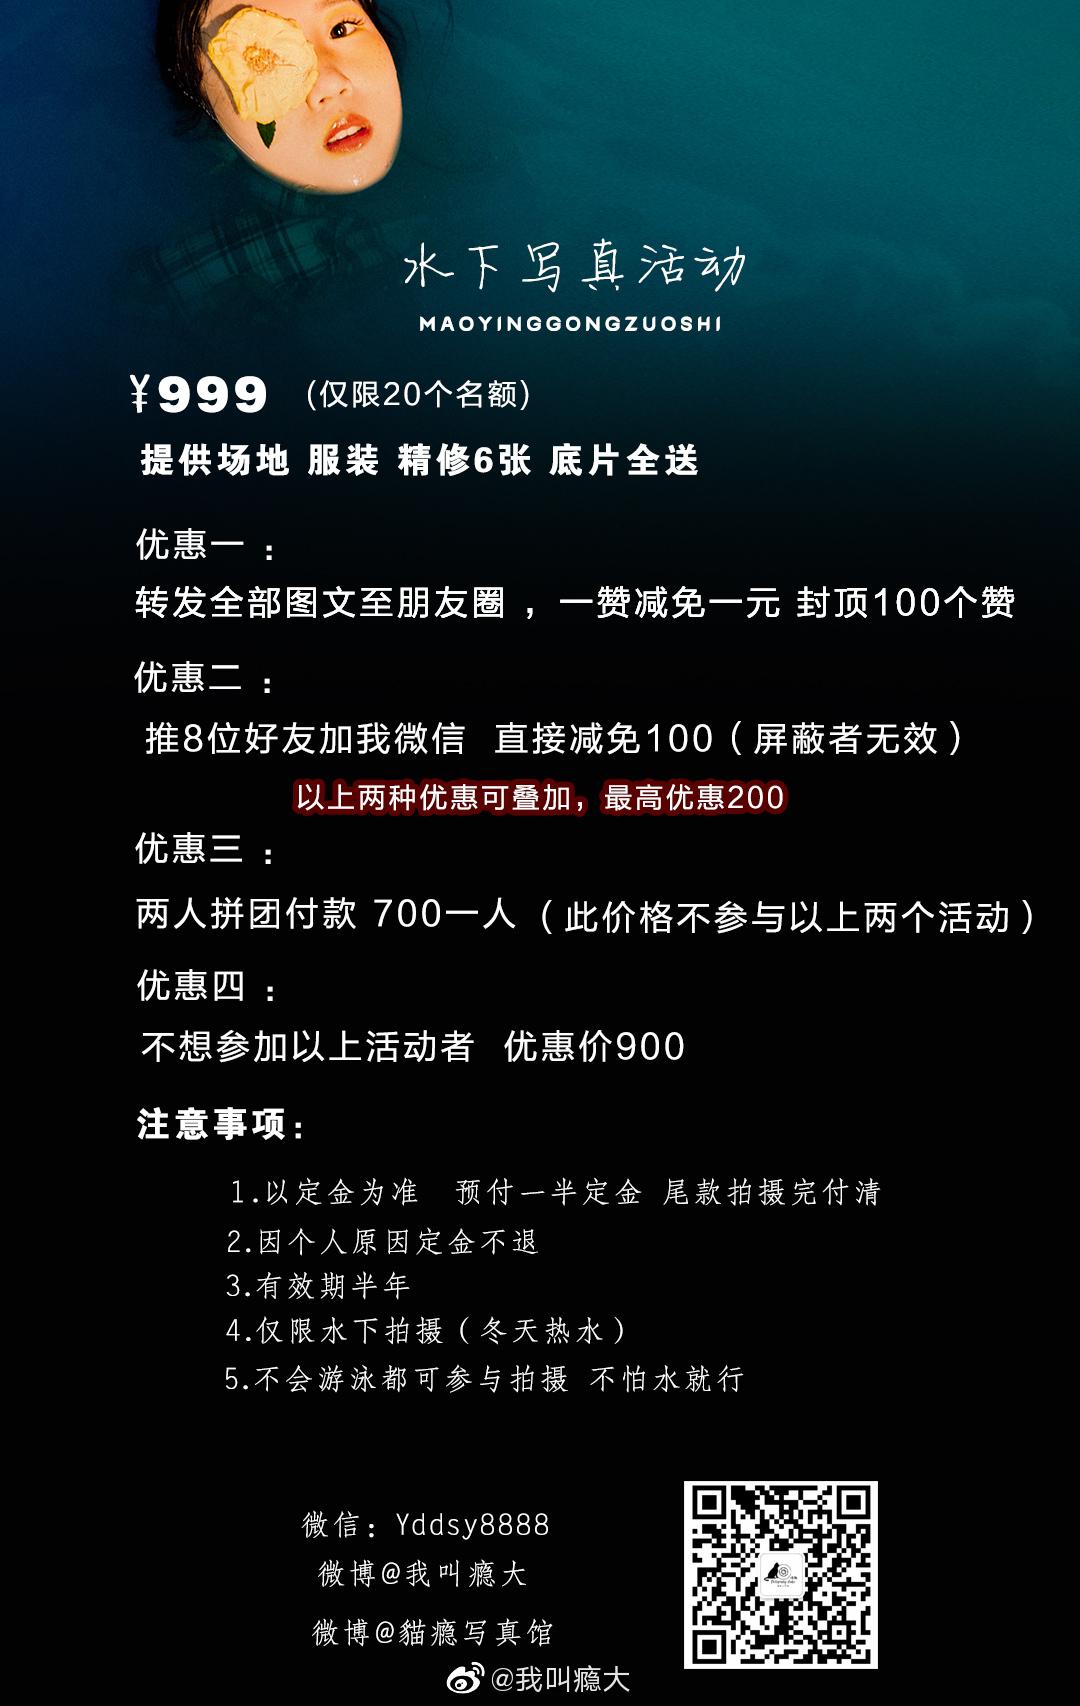 坐标广州   吐血优惠的水下写真活动!偷偷的告诉你们是热水拍摄